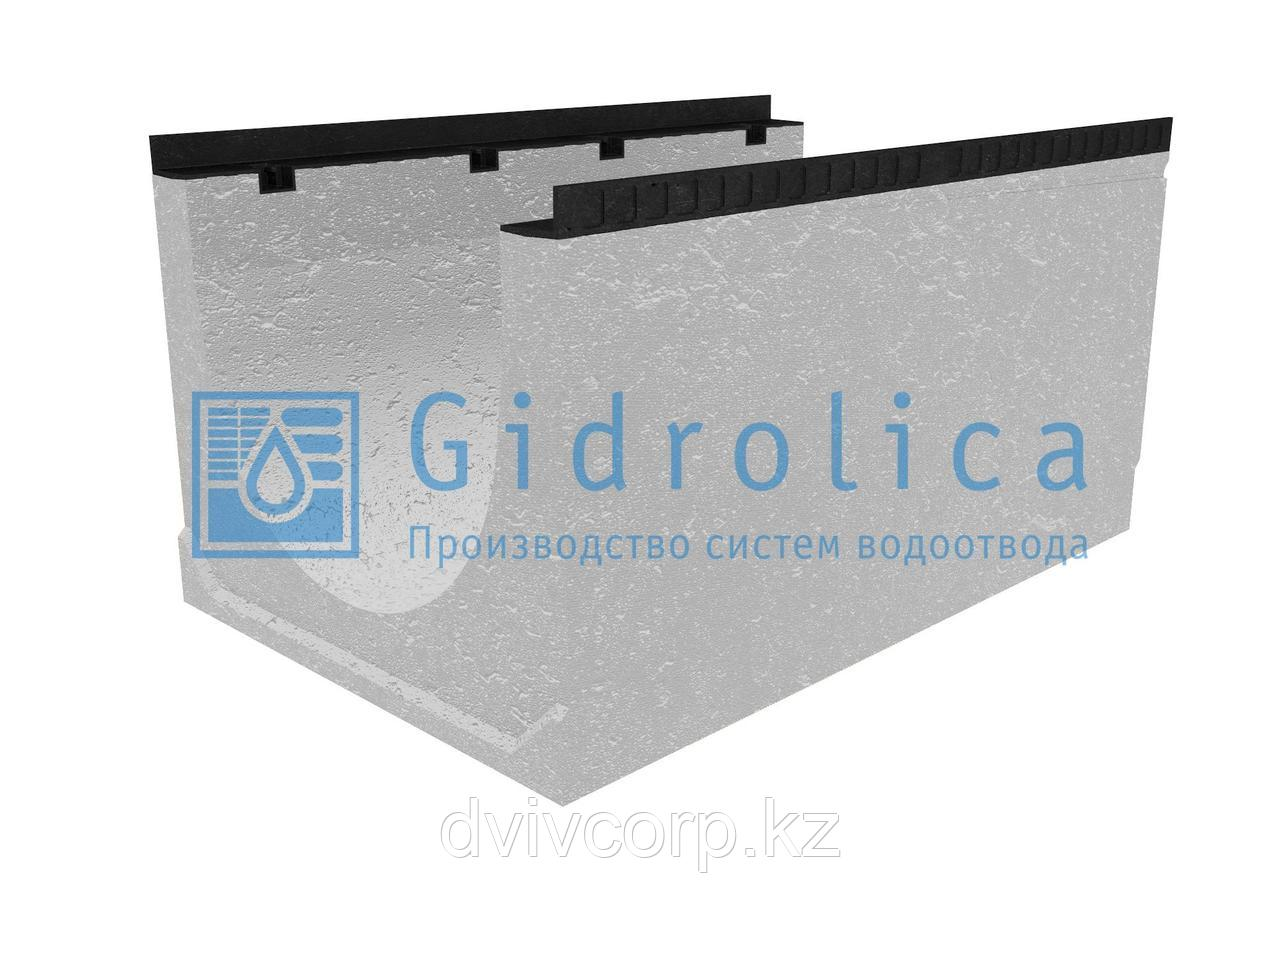 Лоток водоотводный бетонный коробчатый (СО-500мм), с уклоном 0,5%  КUу 100.65(50).53(44) - BGМ, № 16